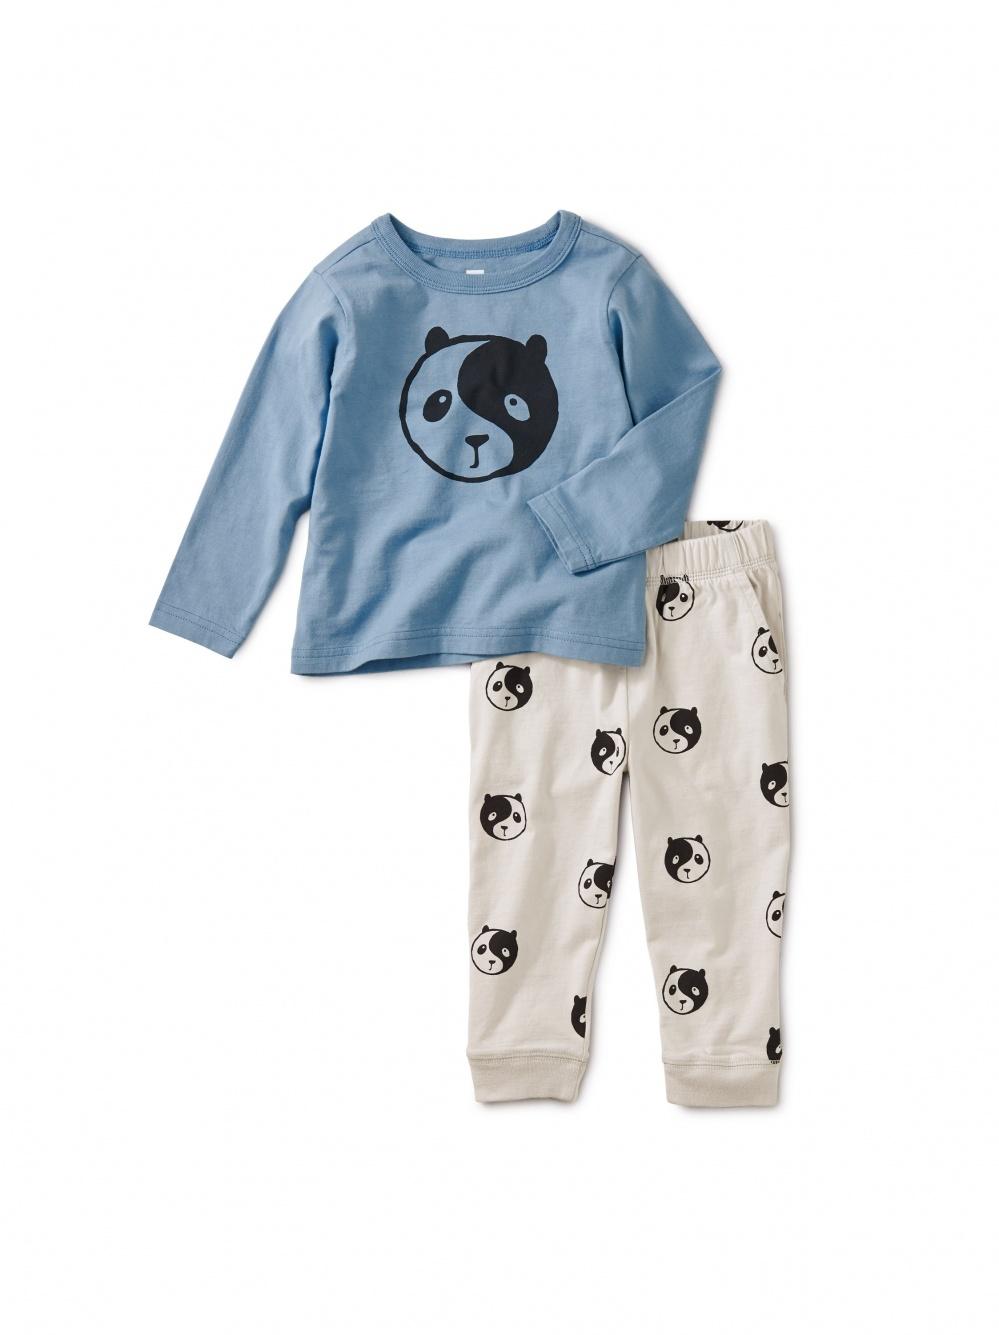 Yin Yang Panda Jogger Set